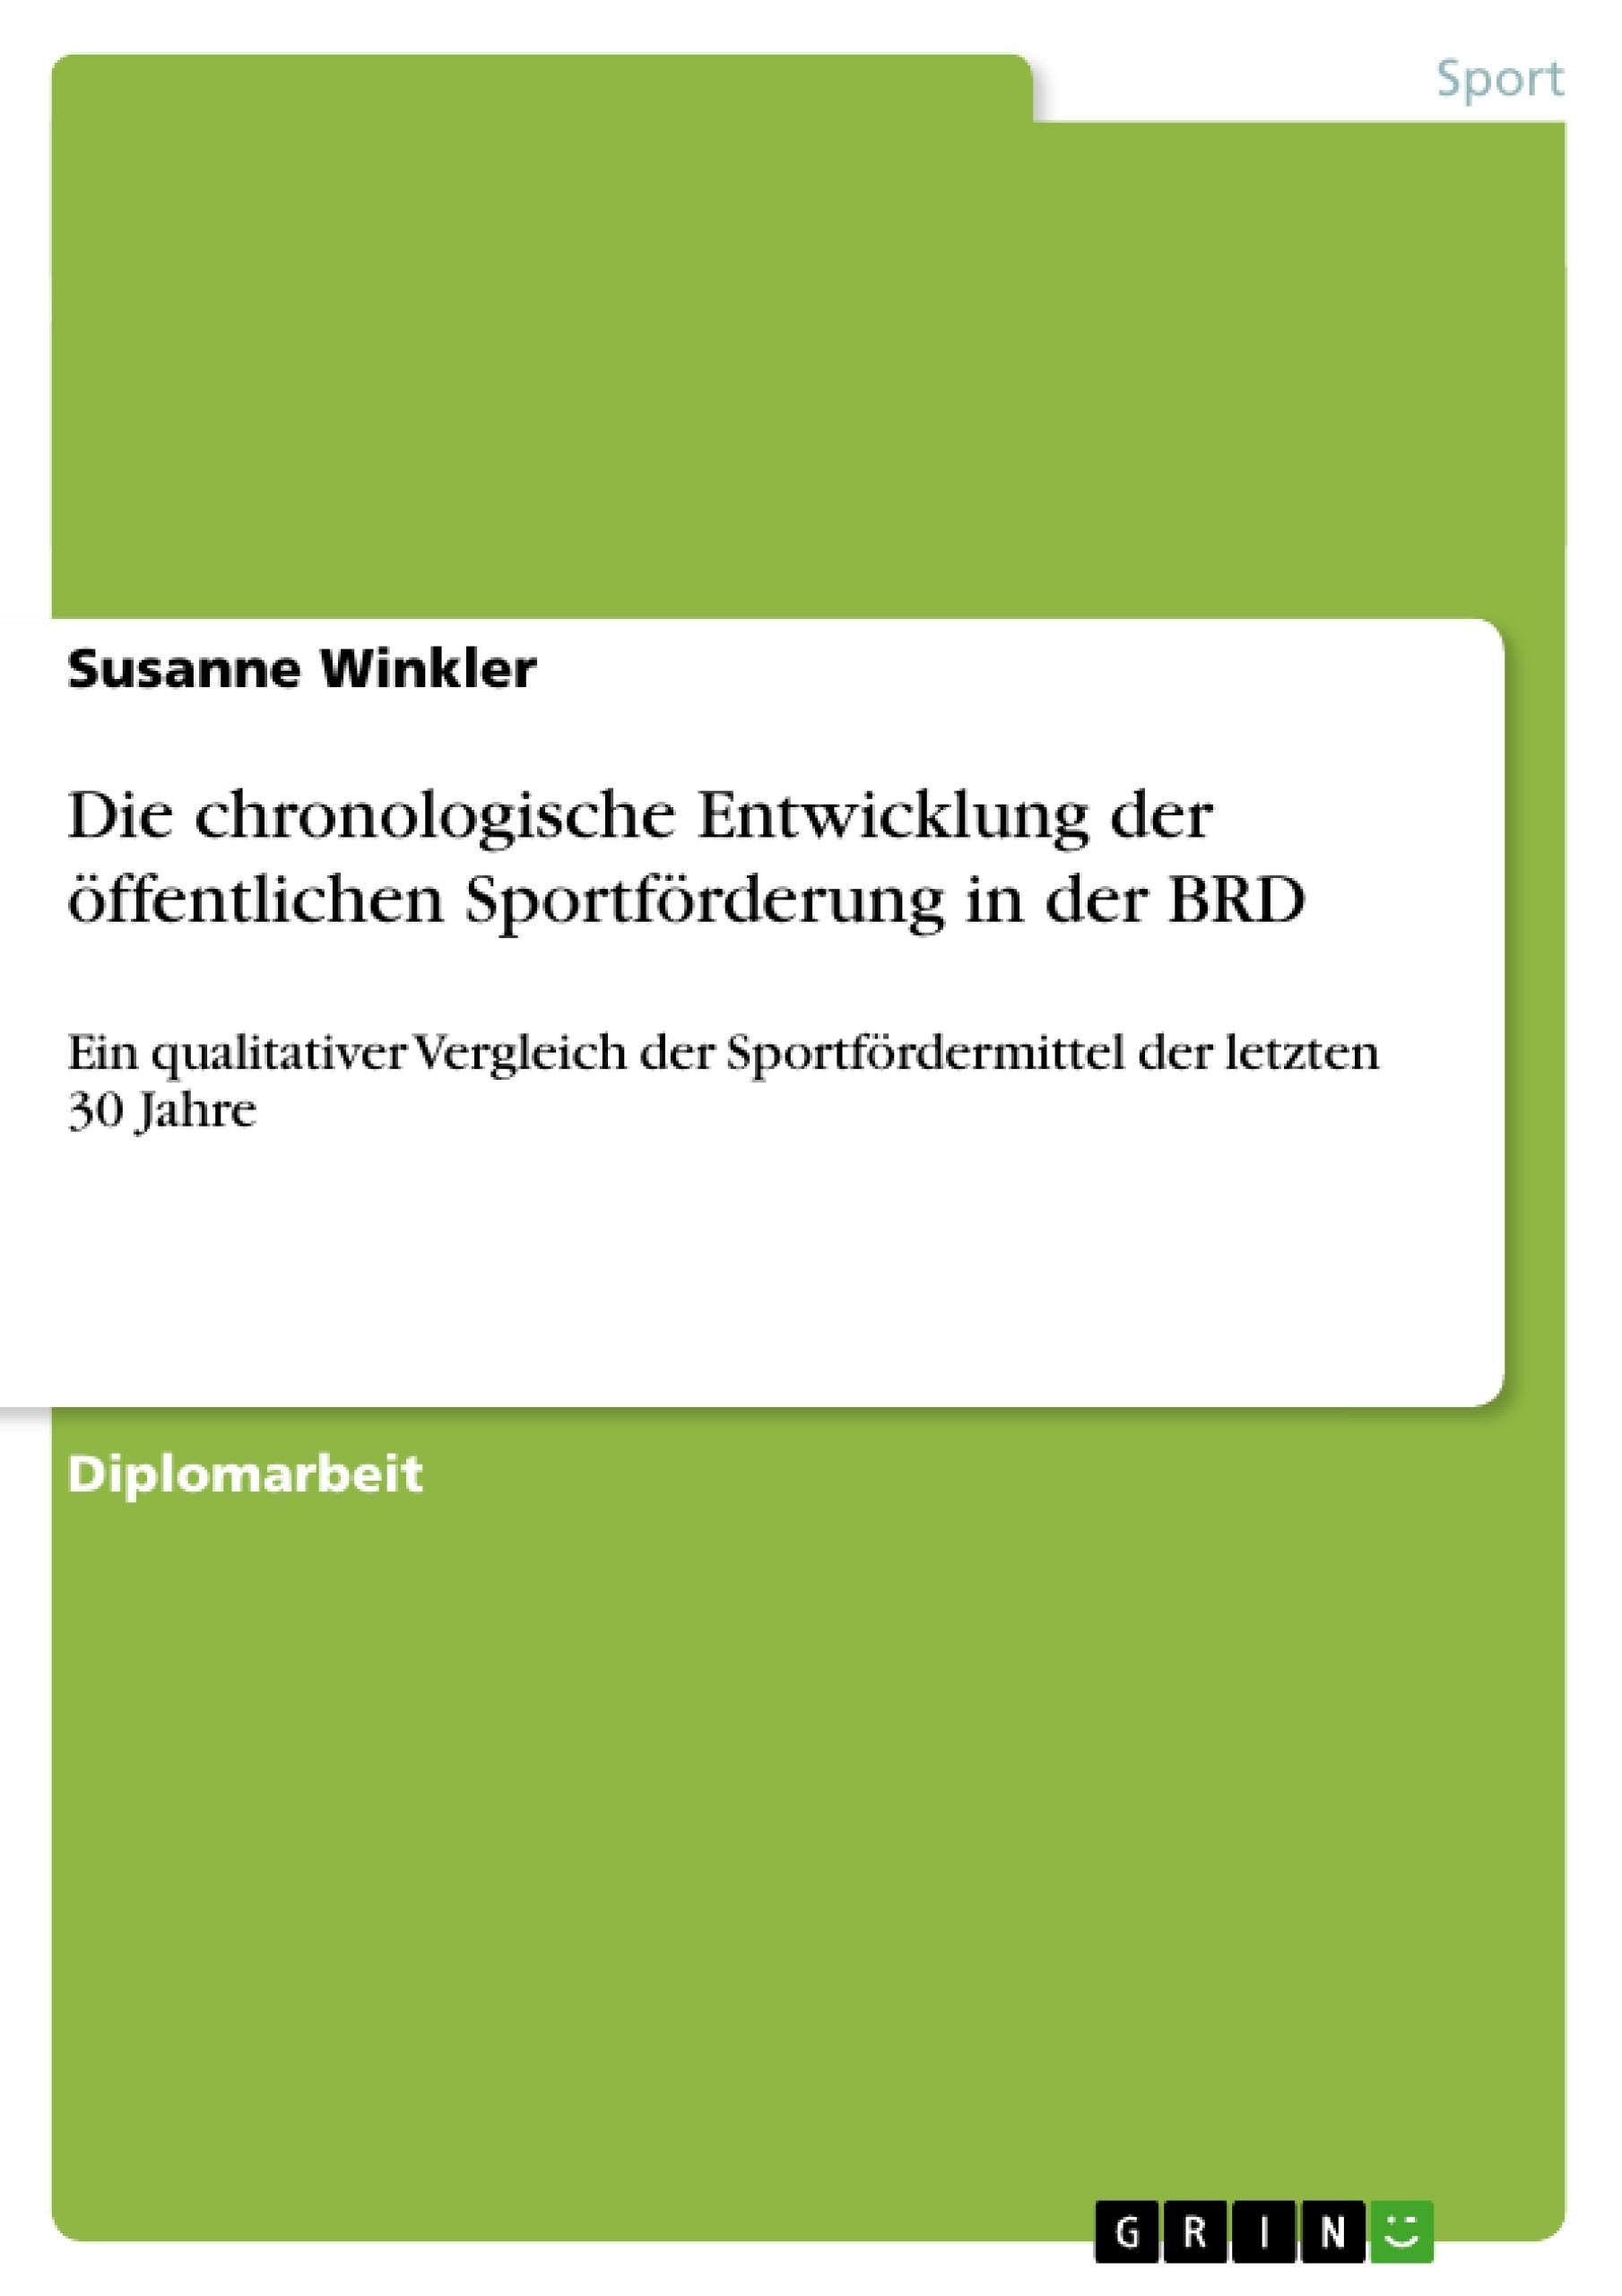 Titel: Die chronologische Entwicklung der öffentlichen Sportförderung in der BRD